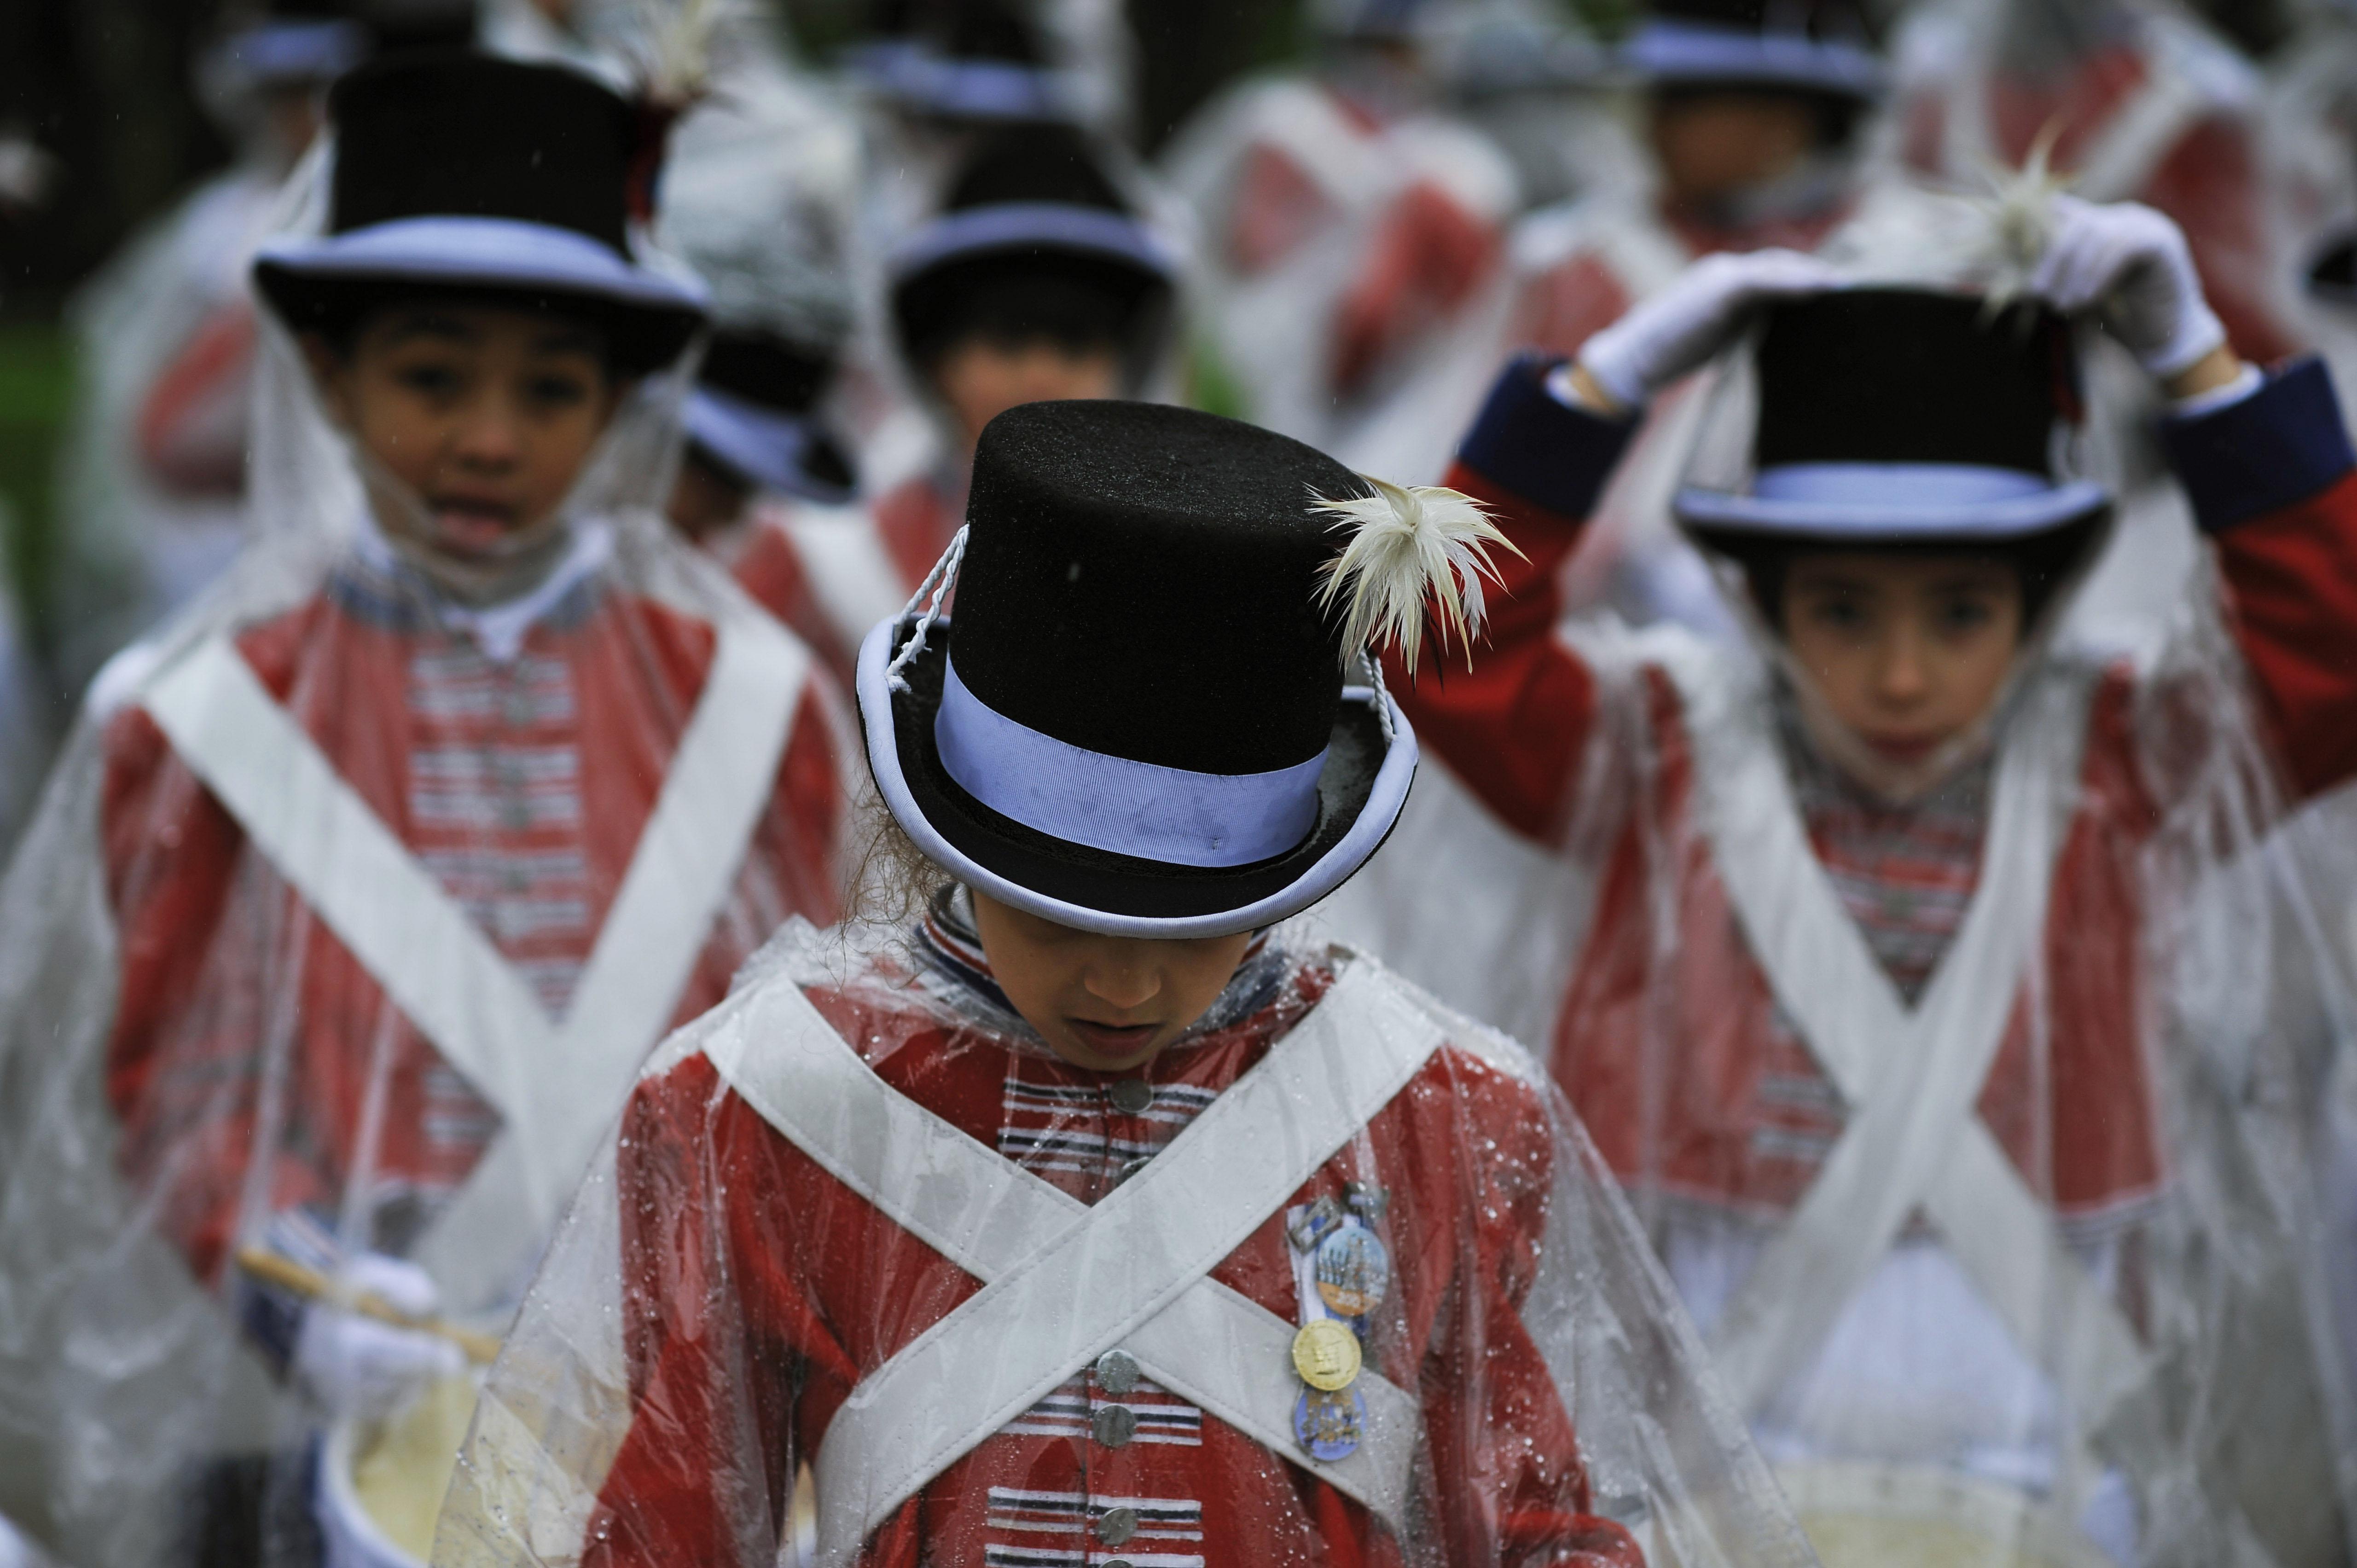 Des jeunes en costume festif, et portant un poncho contre la pluie, en train de défiler (© AP Images)